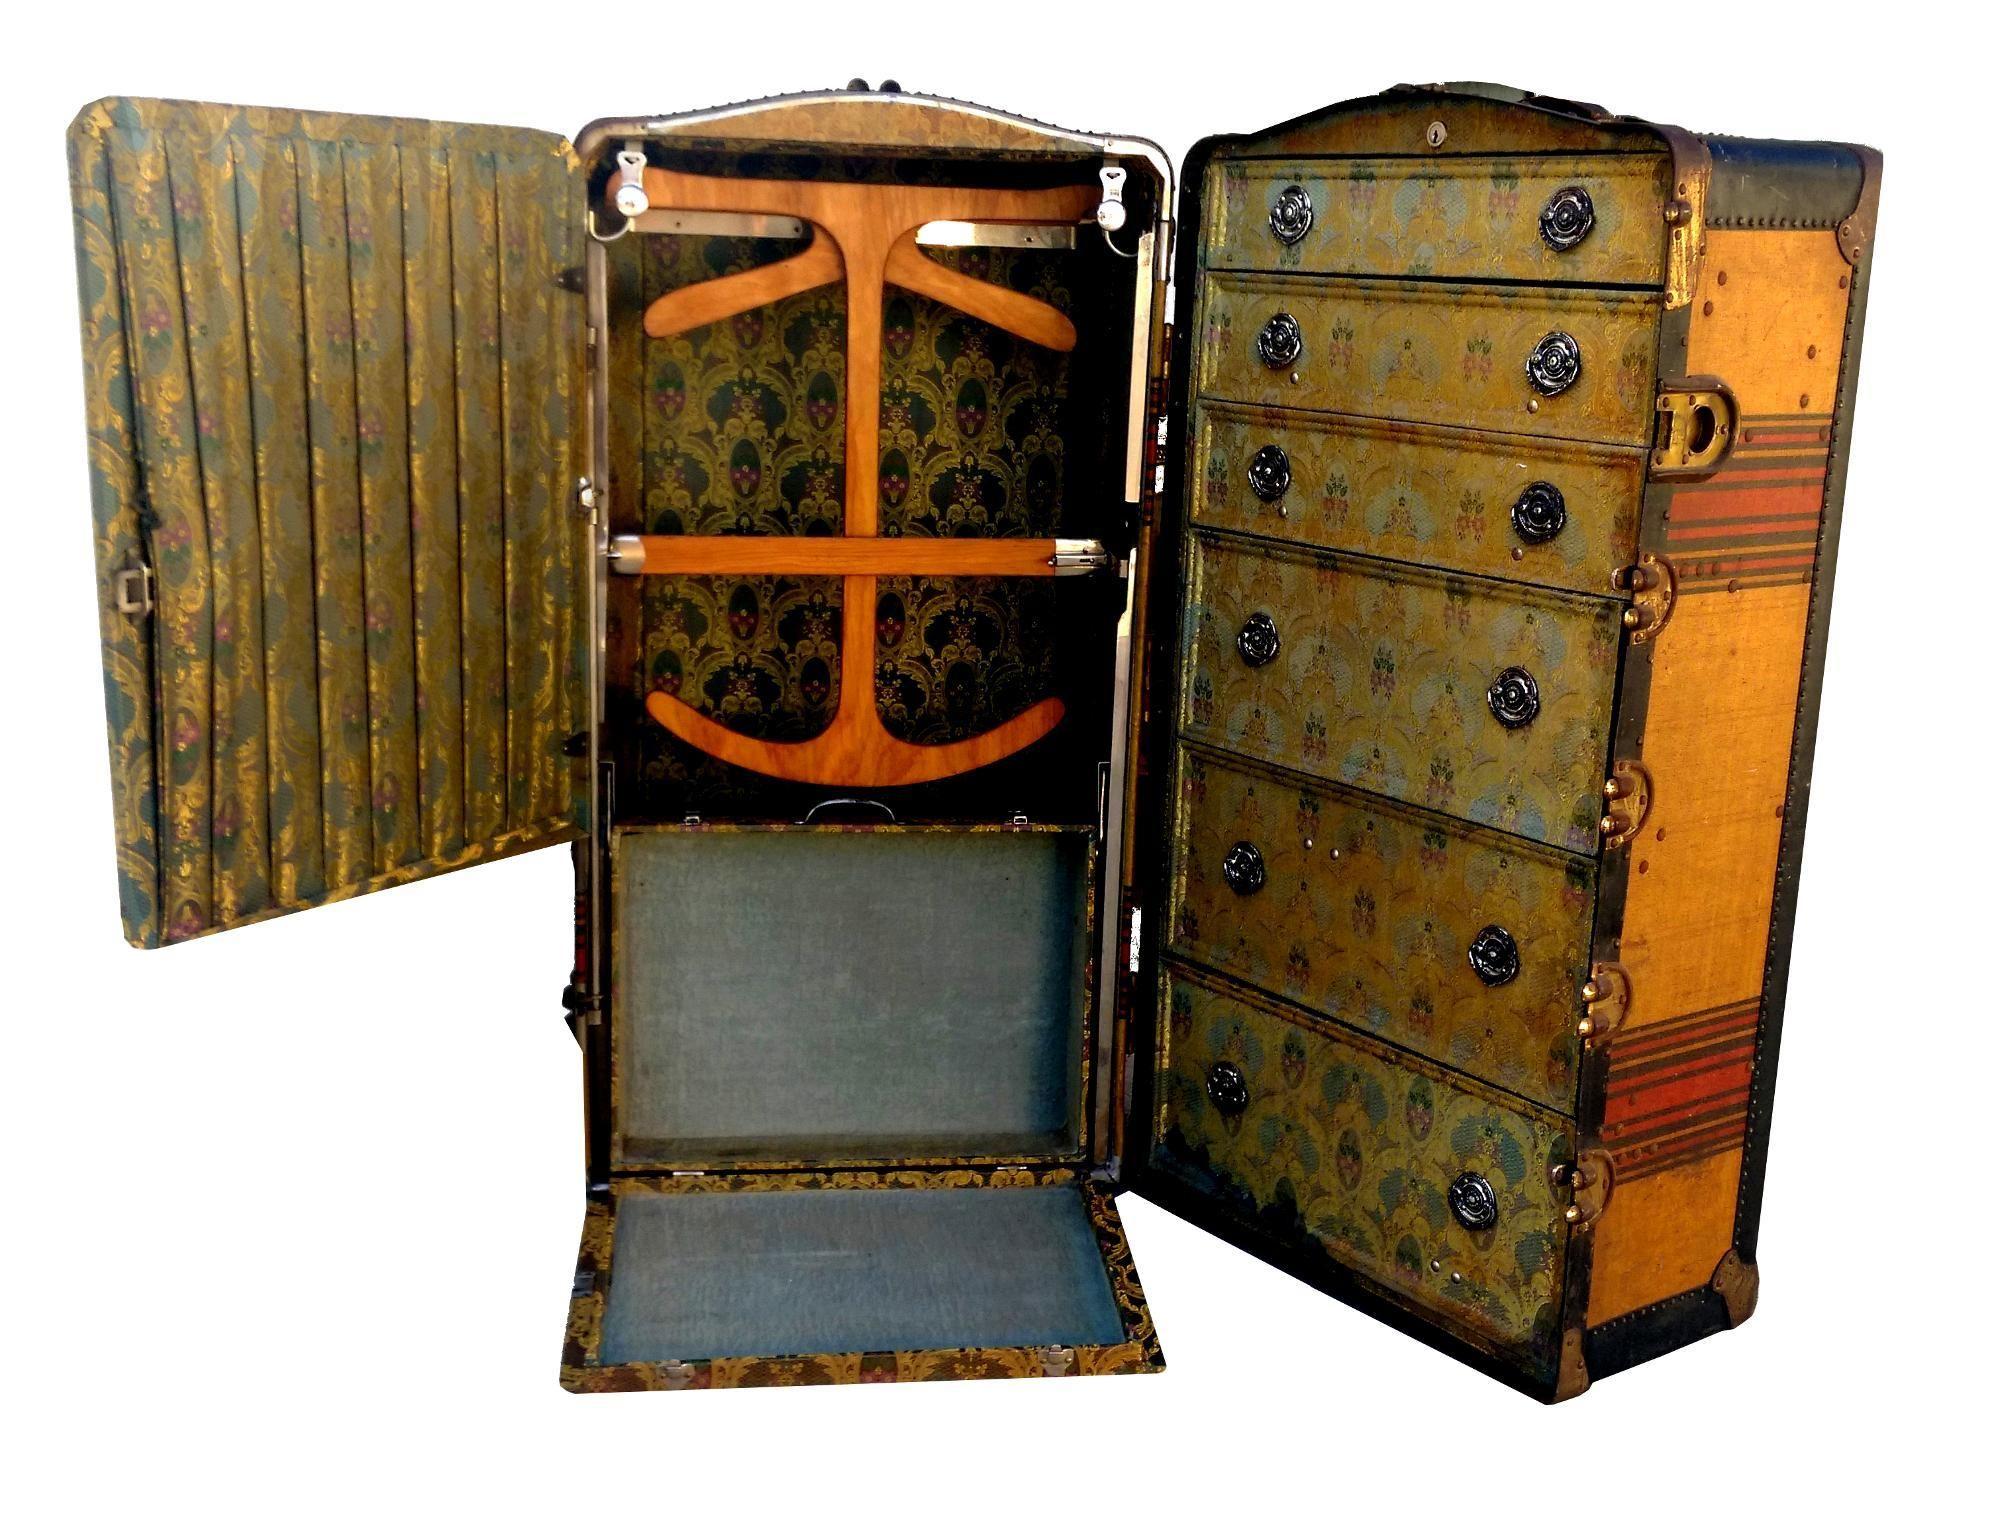 Antique Indestructo Travel Wardrobe Steamer Trunk | Steamer trunk, Travel  wardrobe, Old trunk